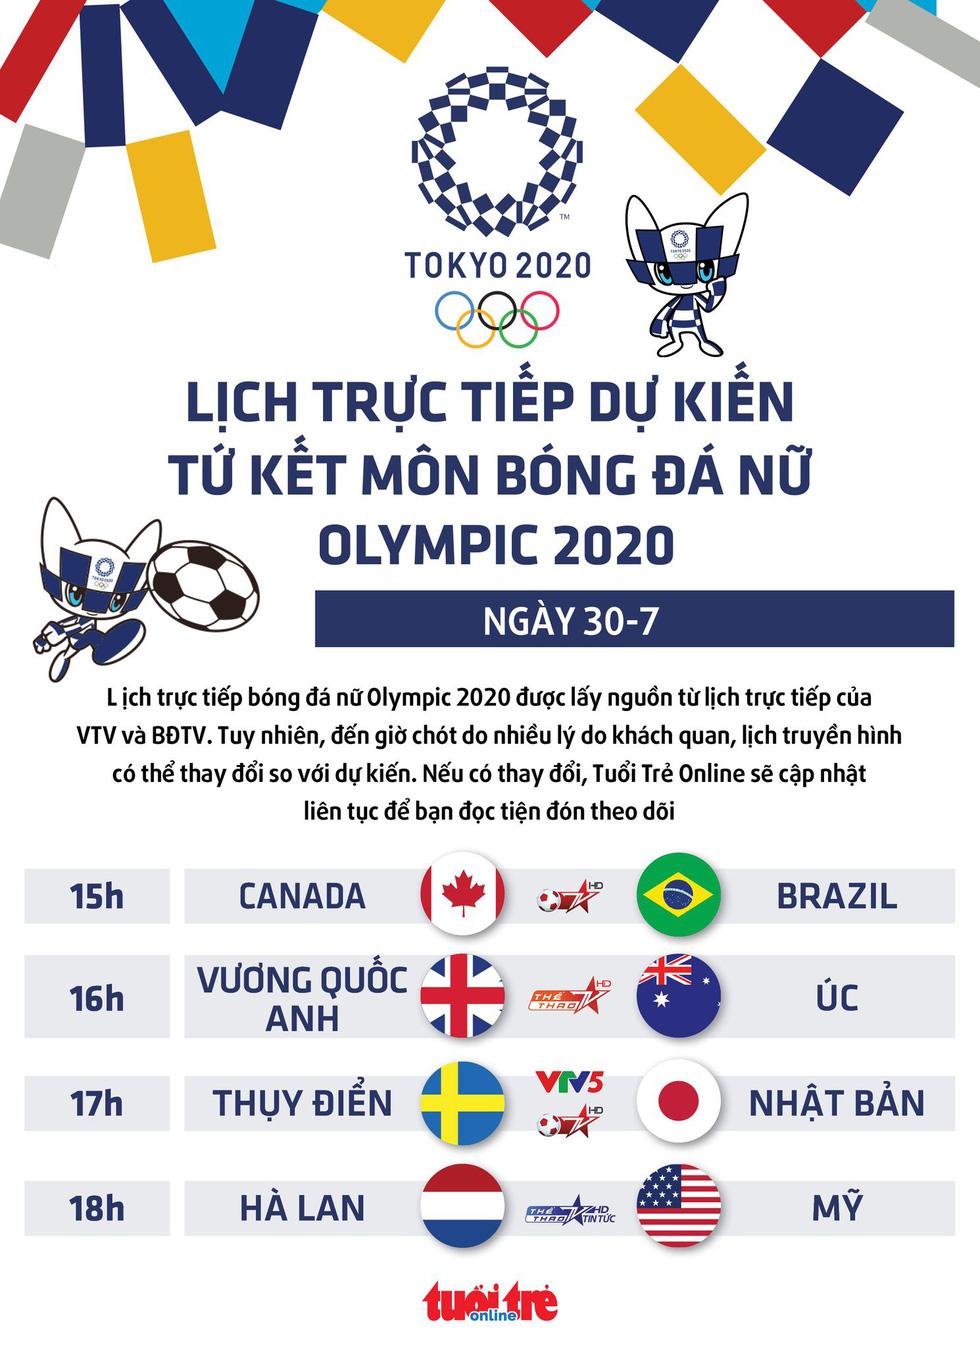 Lịch trực tiếp dự kiến tứ kết môn bóng đá nữ Olympic 2020: Hà Lan - Mỹ, Anh - Úc - Ảnh 1.